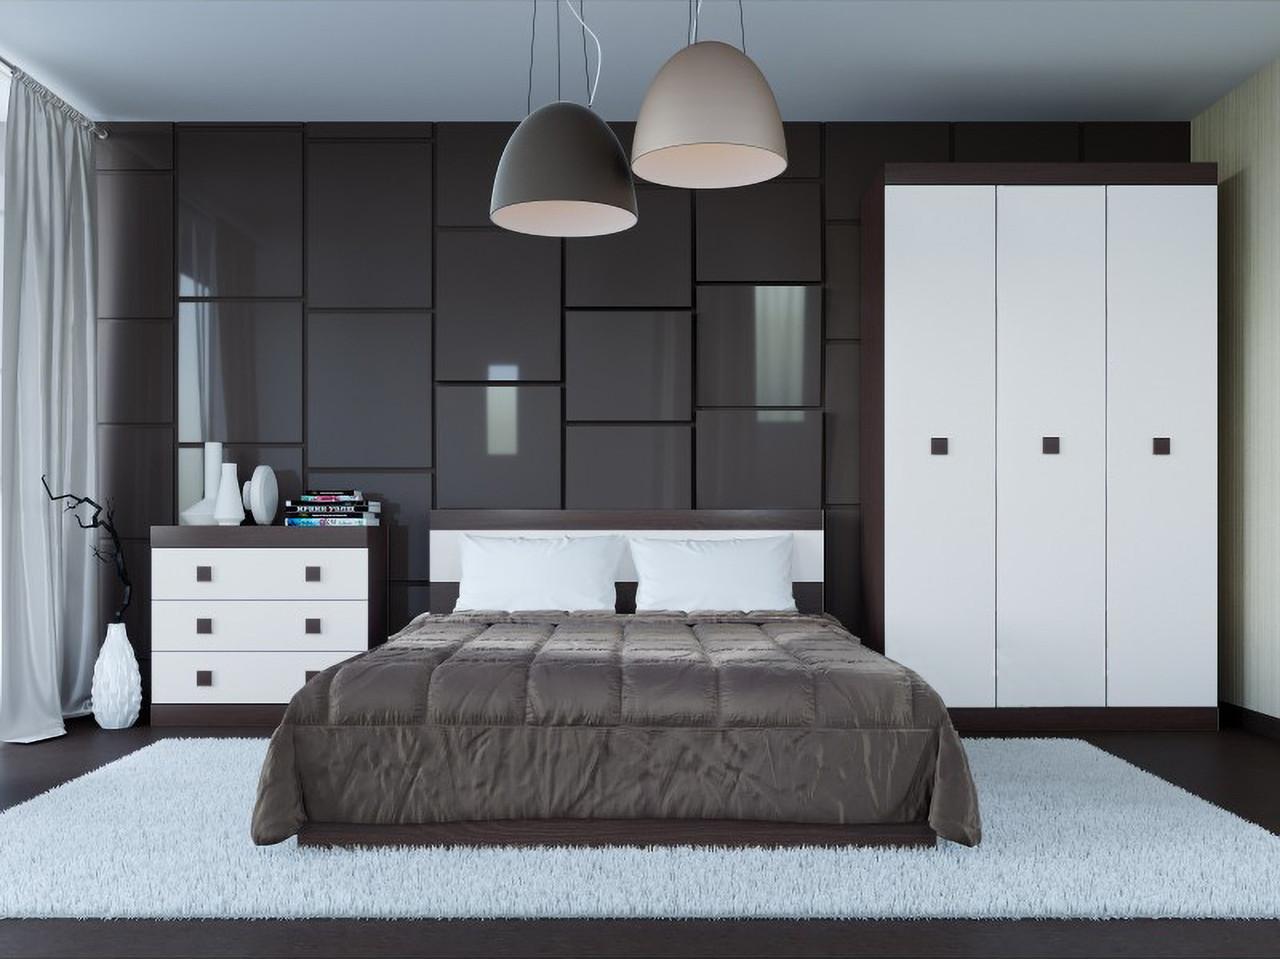 Спальня комплект 1 ЭВЕРЕСТ Дуб сонома + Белый, фото 2